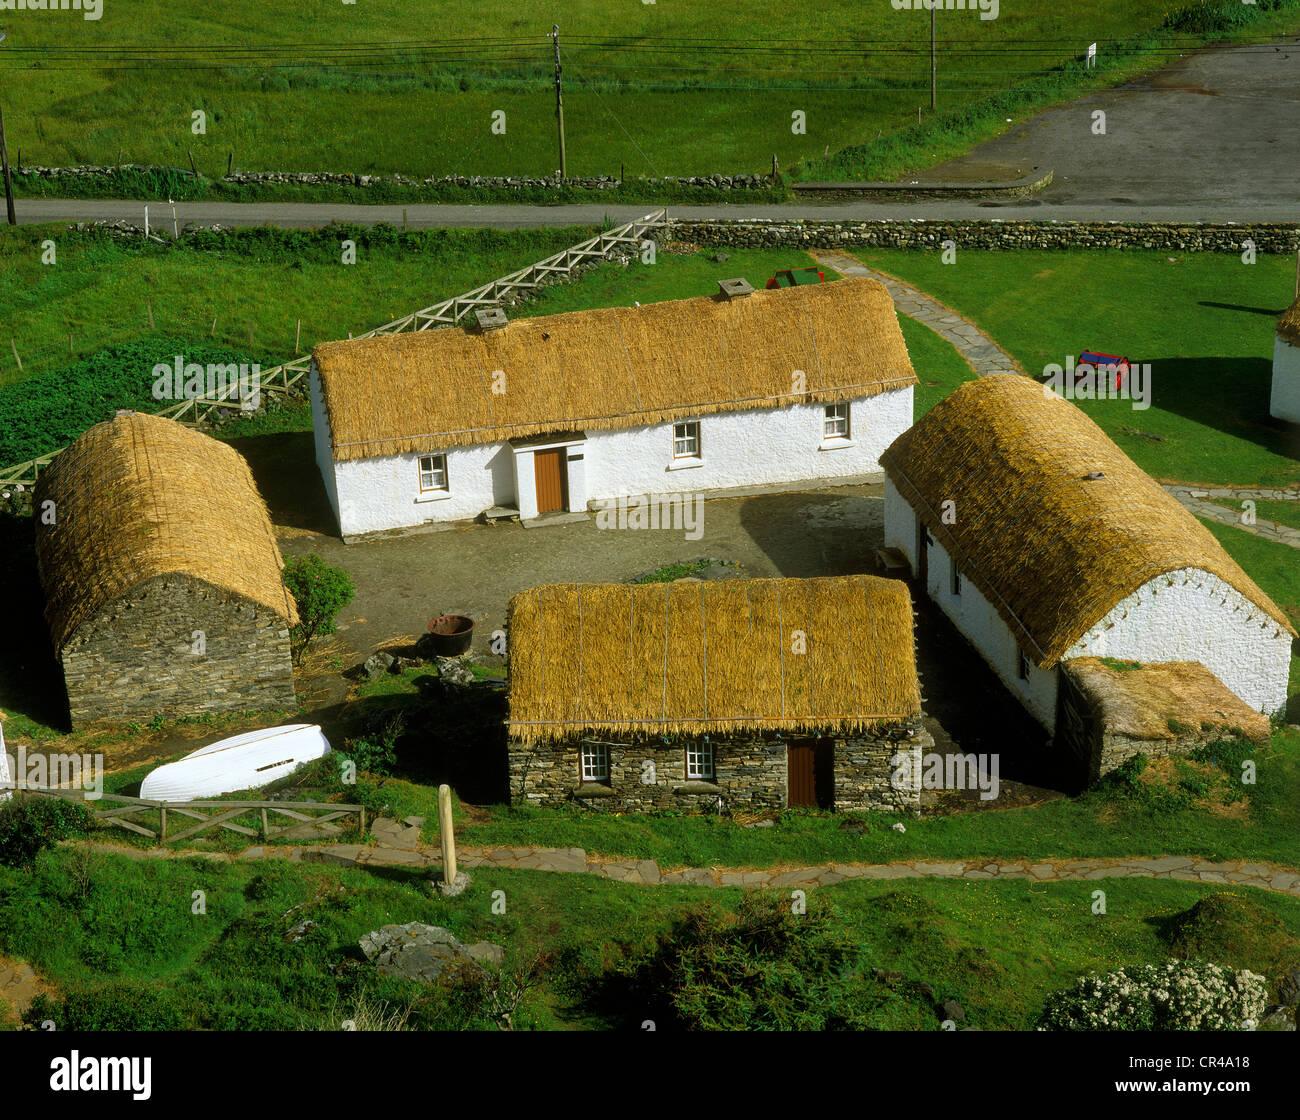 Musée de la culture traditionnelle, à Greeneville, comté de Donegal, en République d'Irlande, Photo Stock